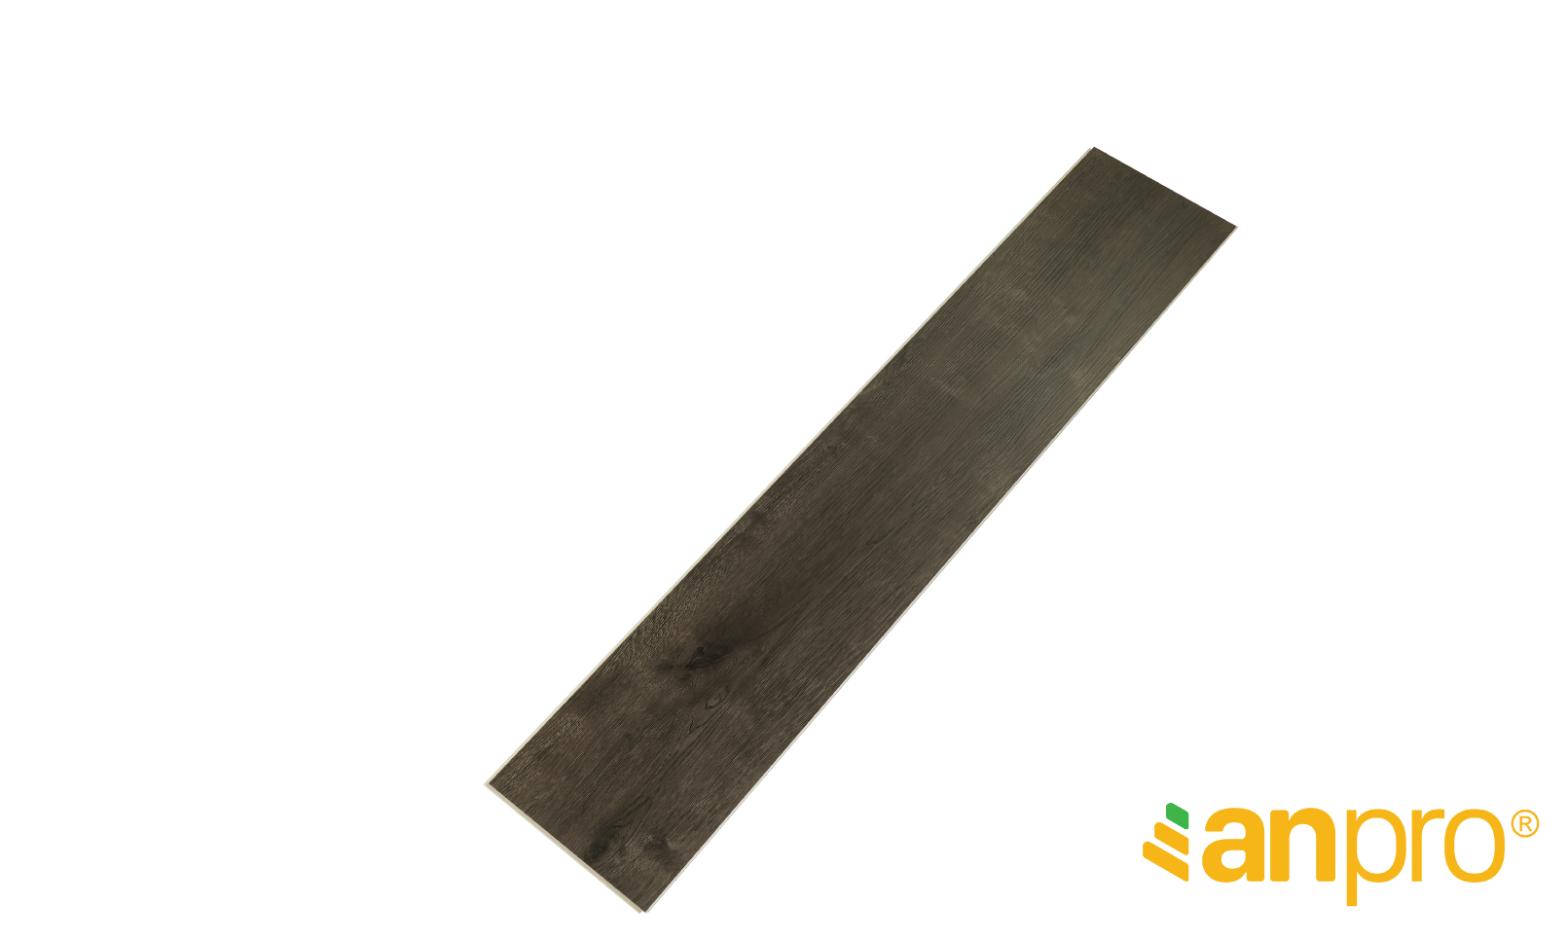 SA68 AnPro 01 - Sàn AnPro vân gỗ SA68